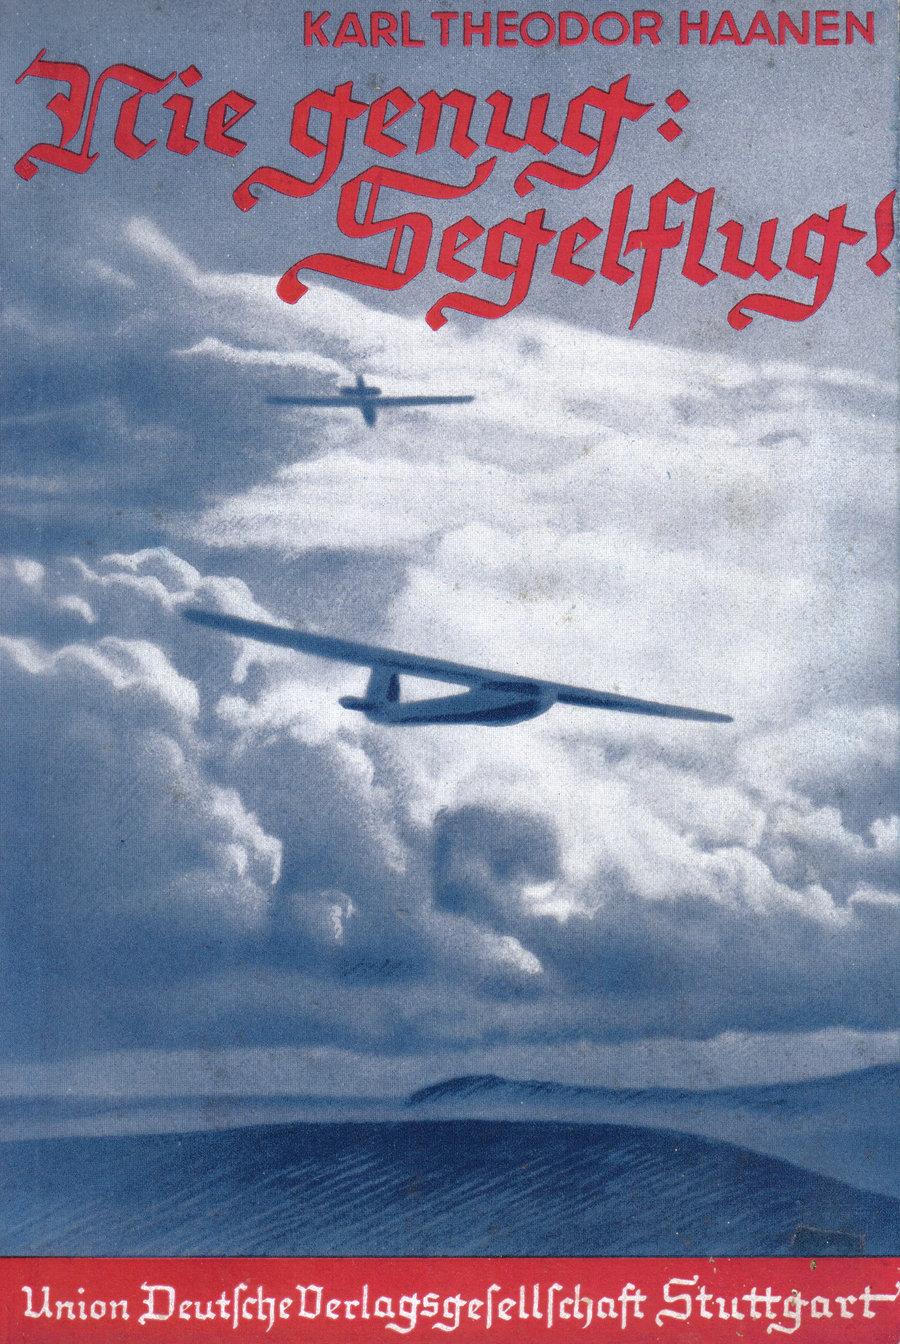 Segelflug_1